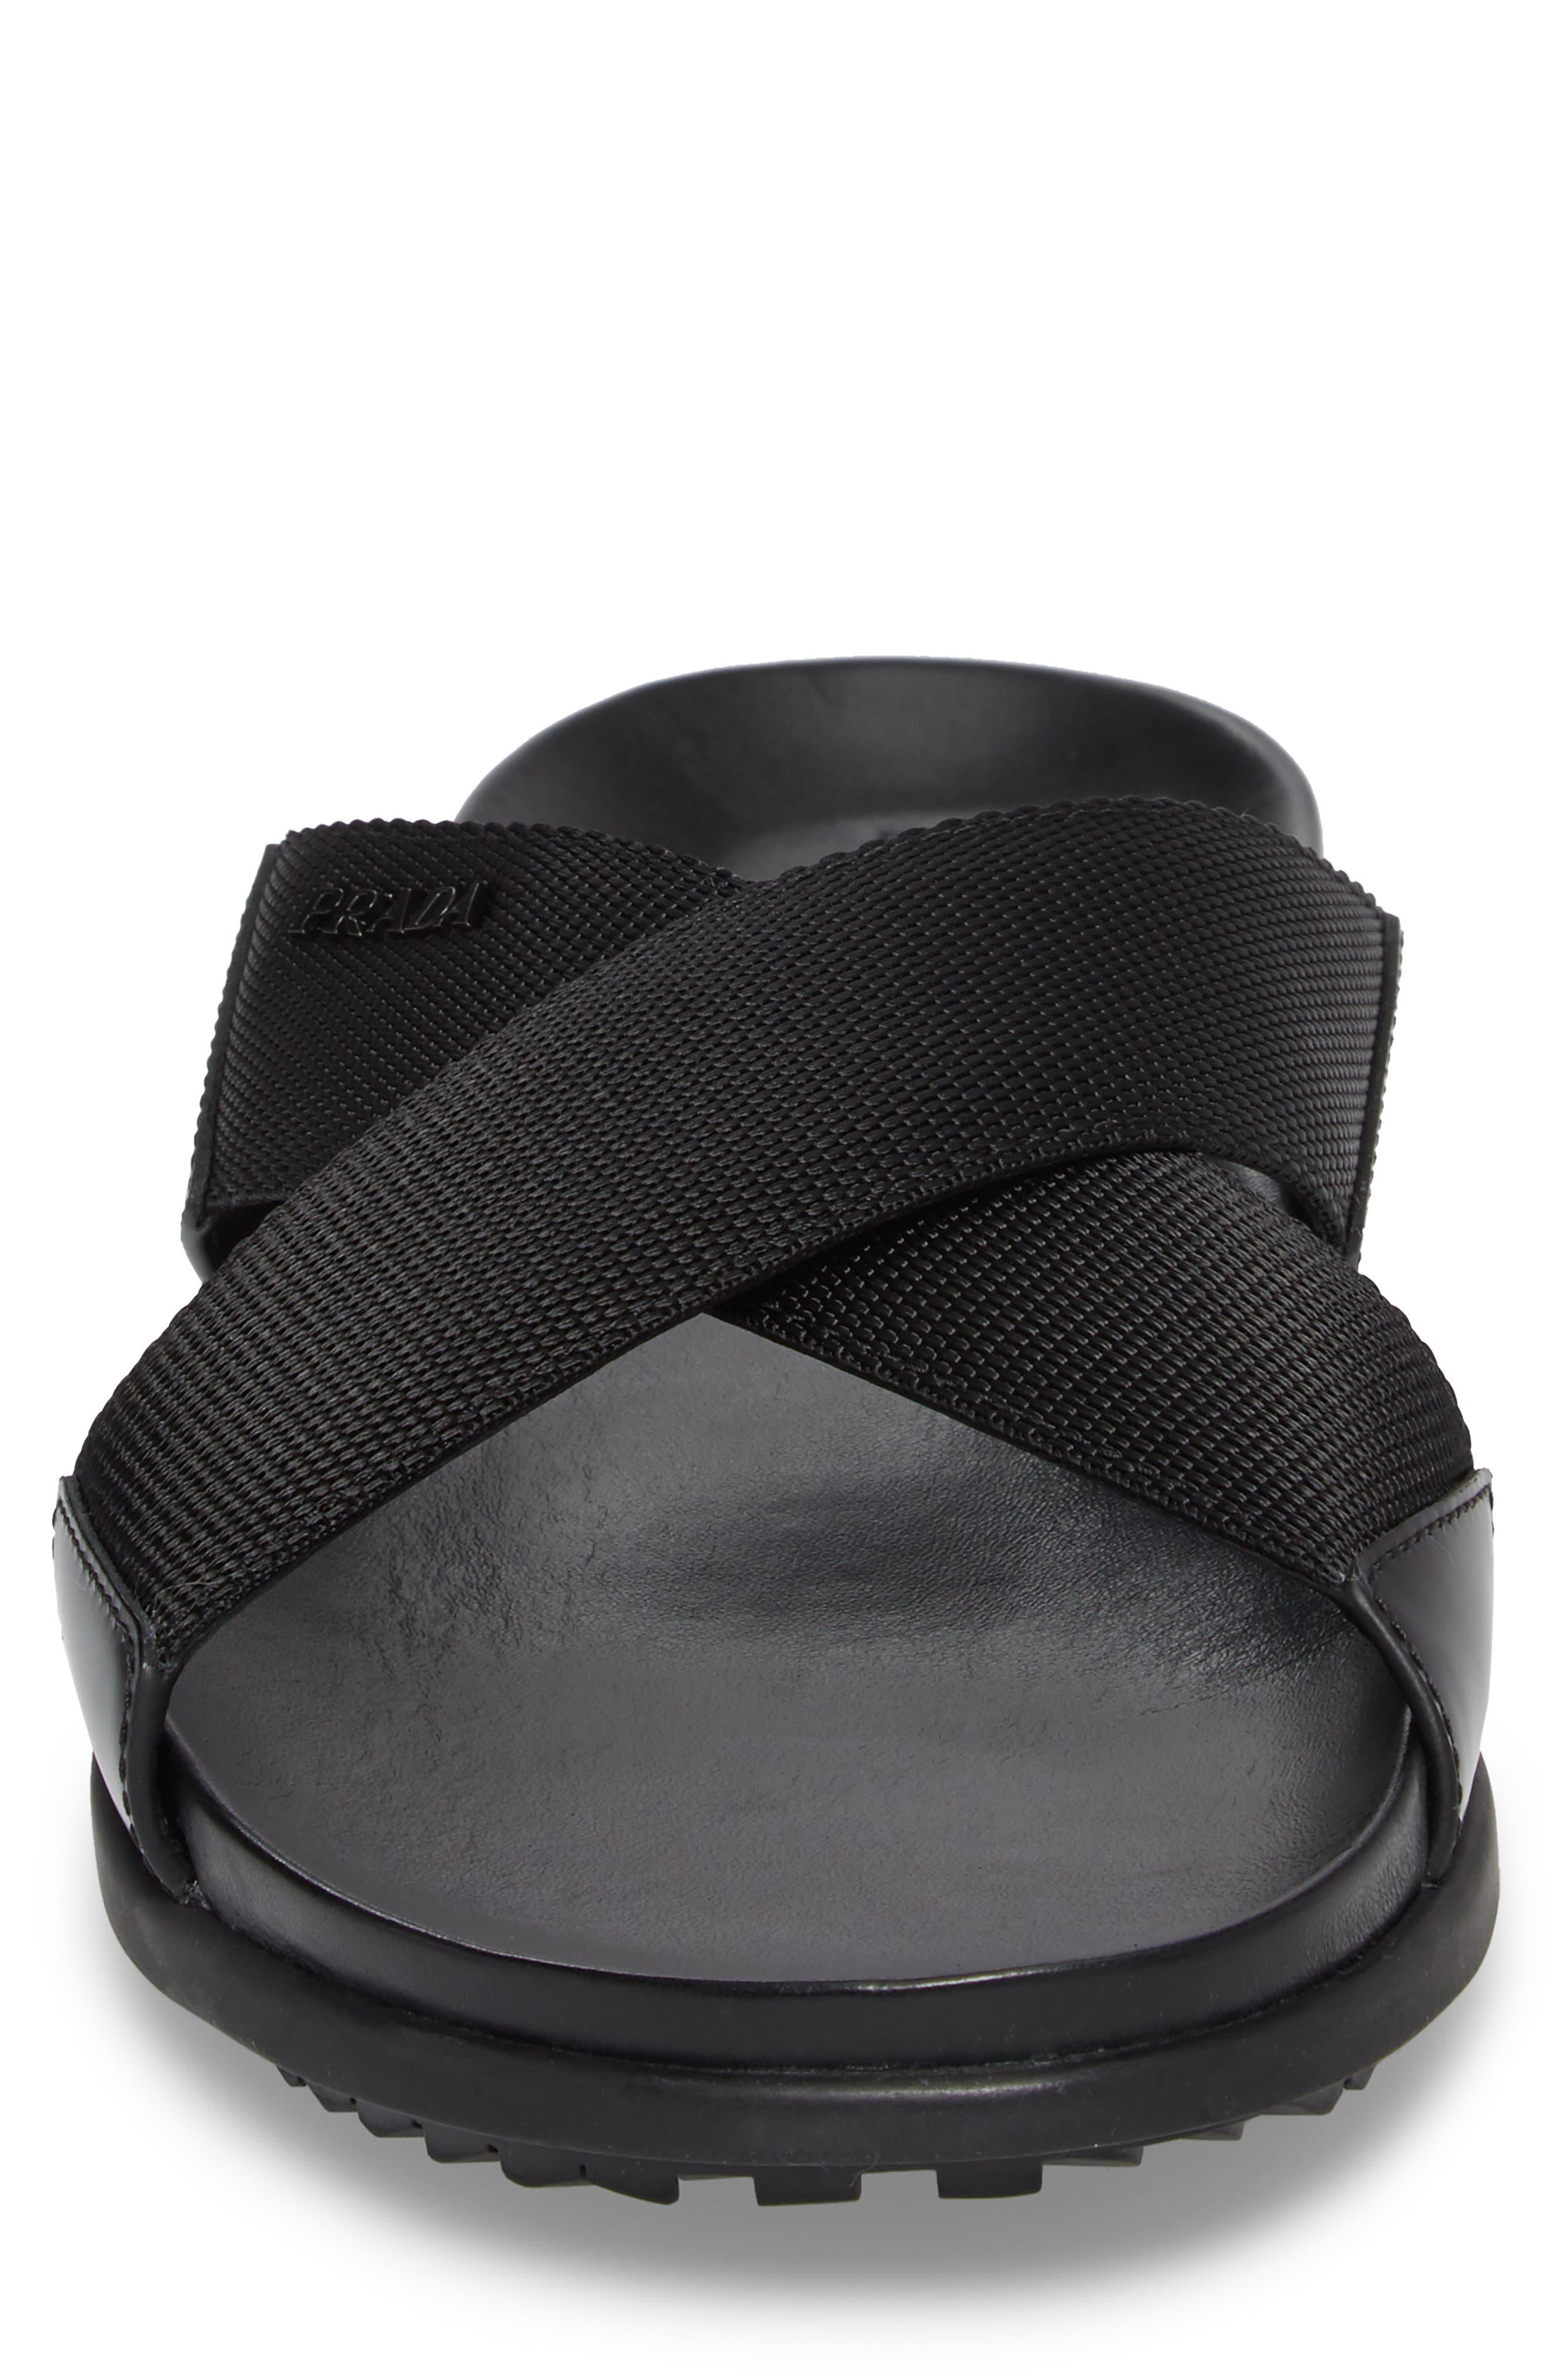 Linea Rossa Slide Sandal,                             Alternate thumbnail 4, color,                             Nero